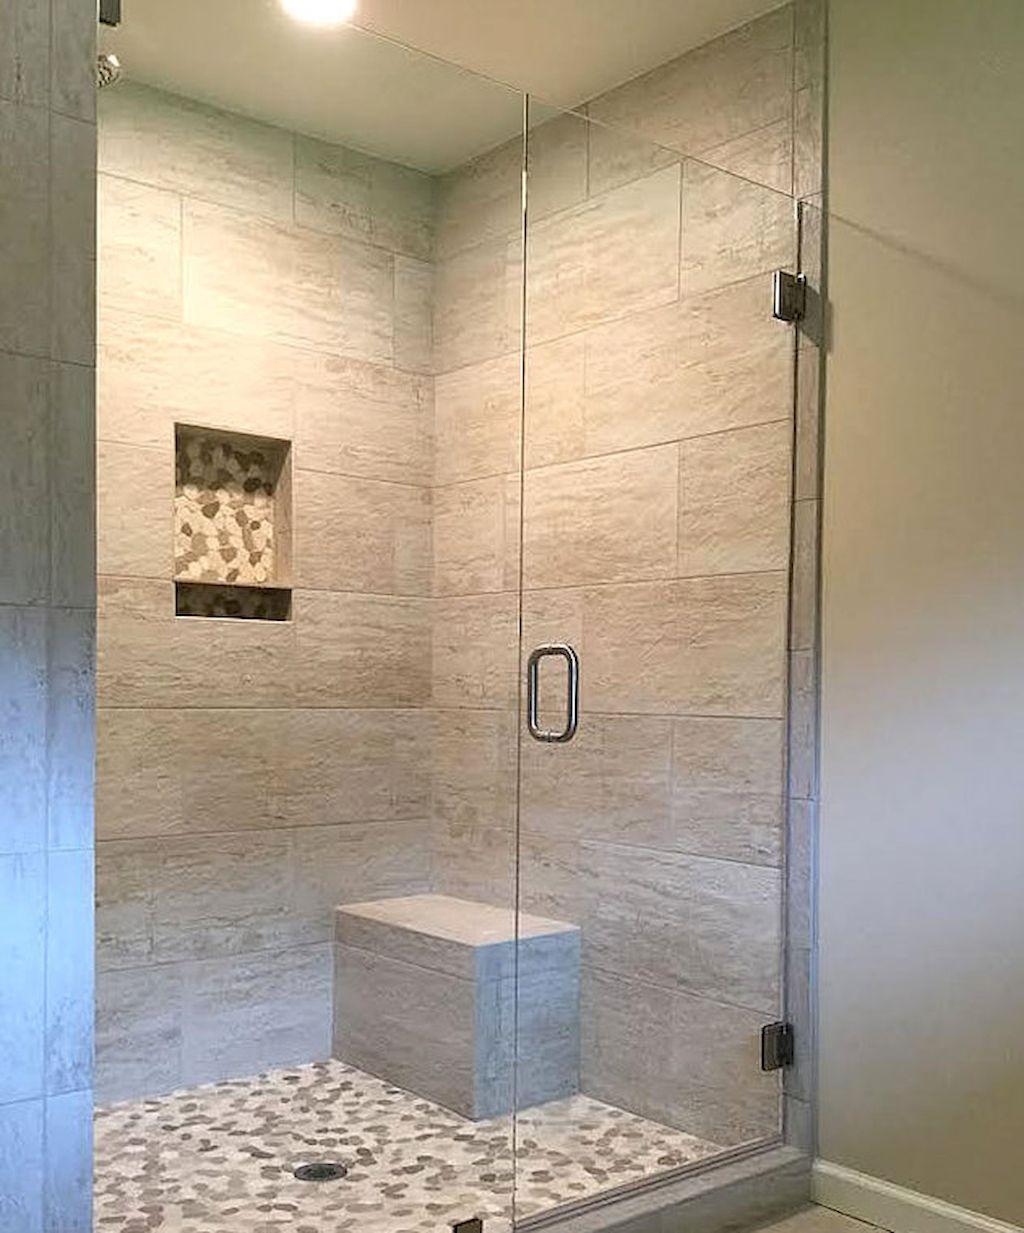 Deco Porte Salle De Bain title} (avec images) | idée salle de bain, designs carrelage